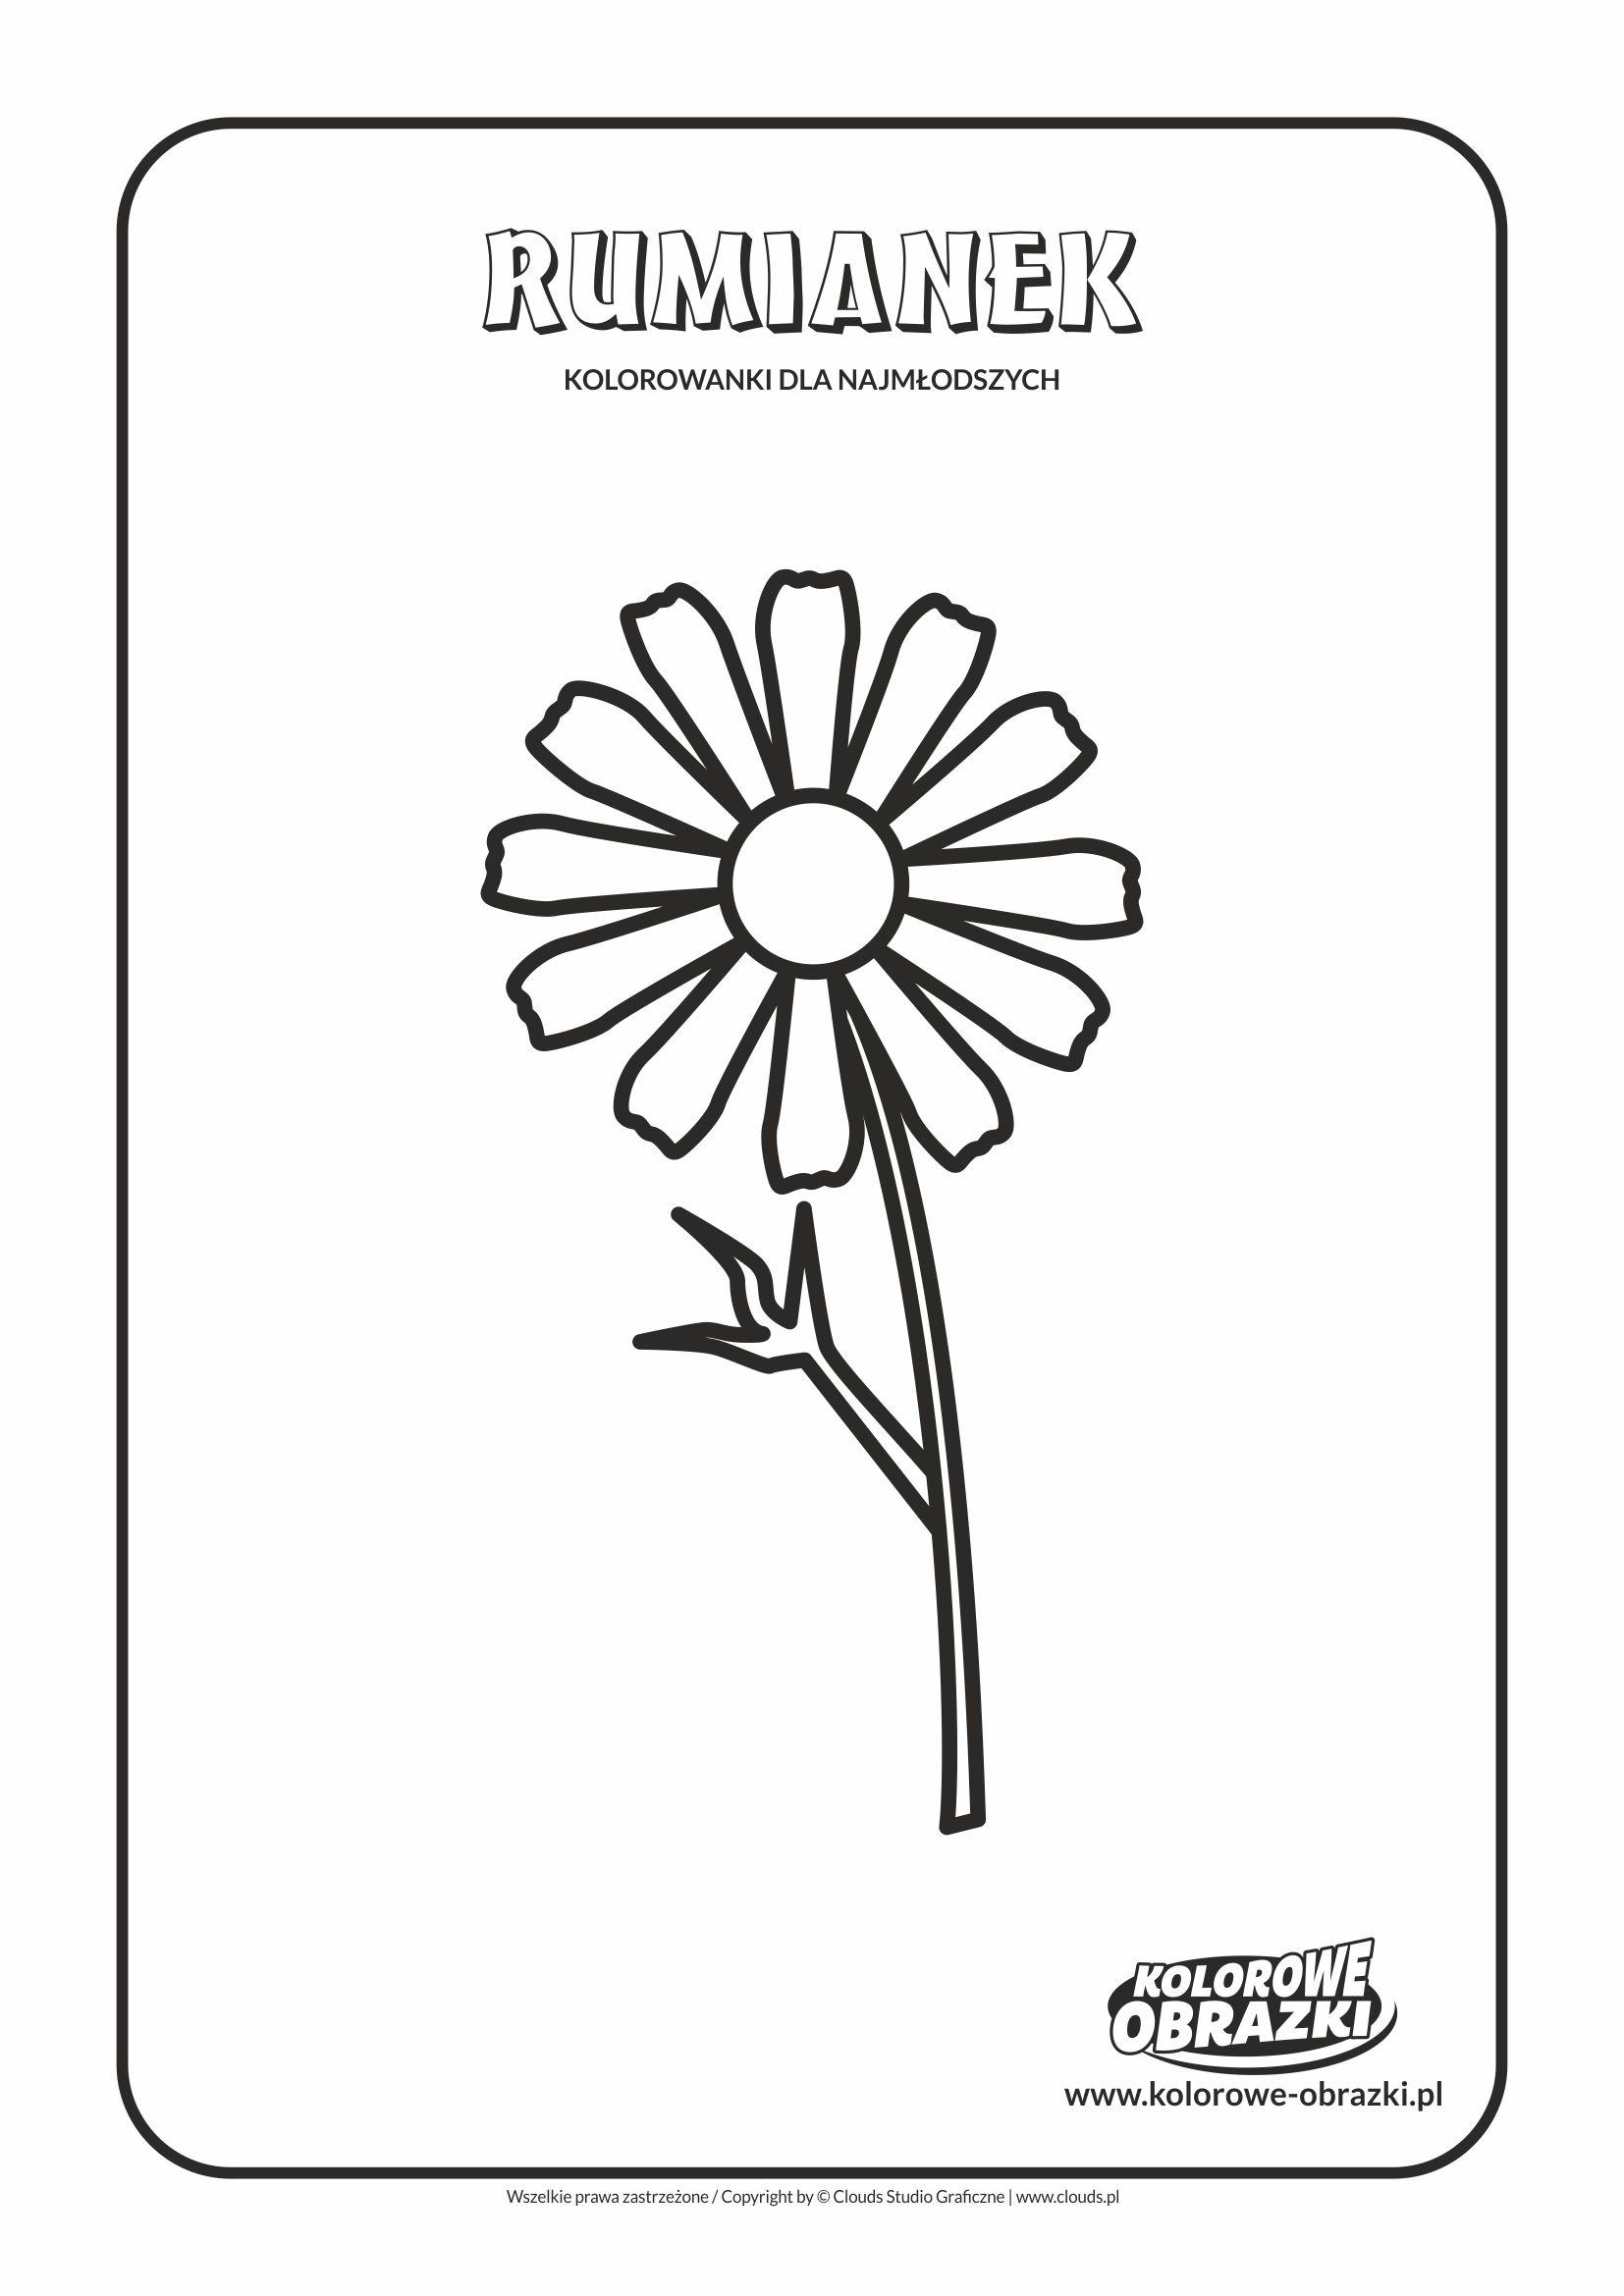 Proste kolorowanki dla najmłodszych - Kwiaty / Rumianek. Kolorowanka z rumiankiem